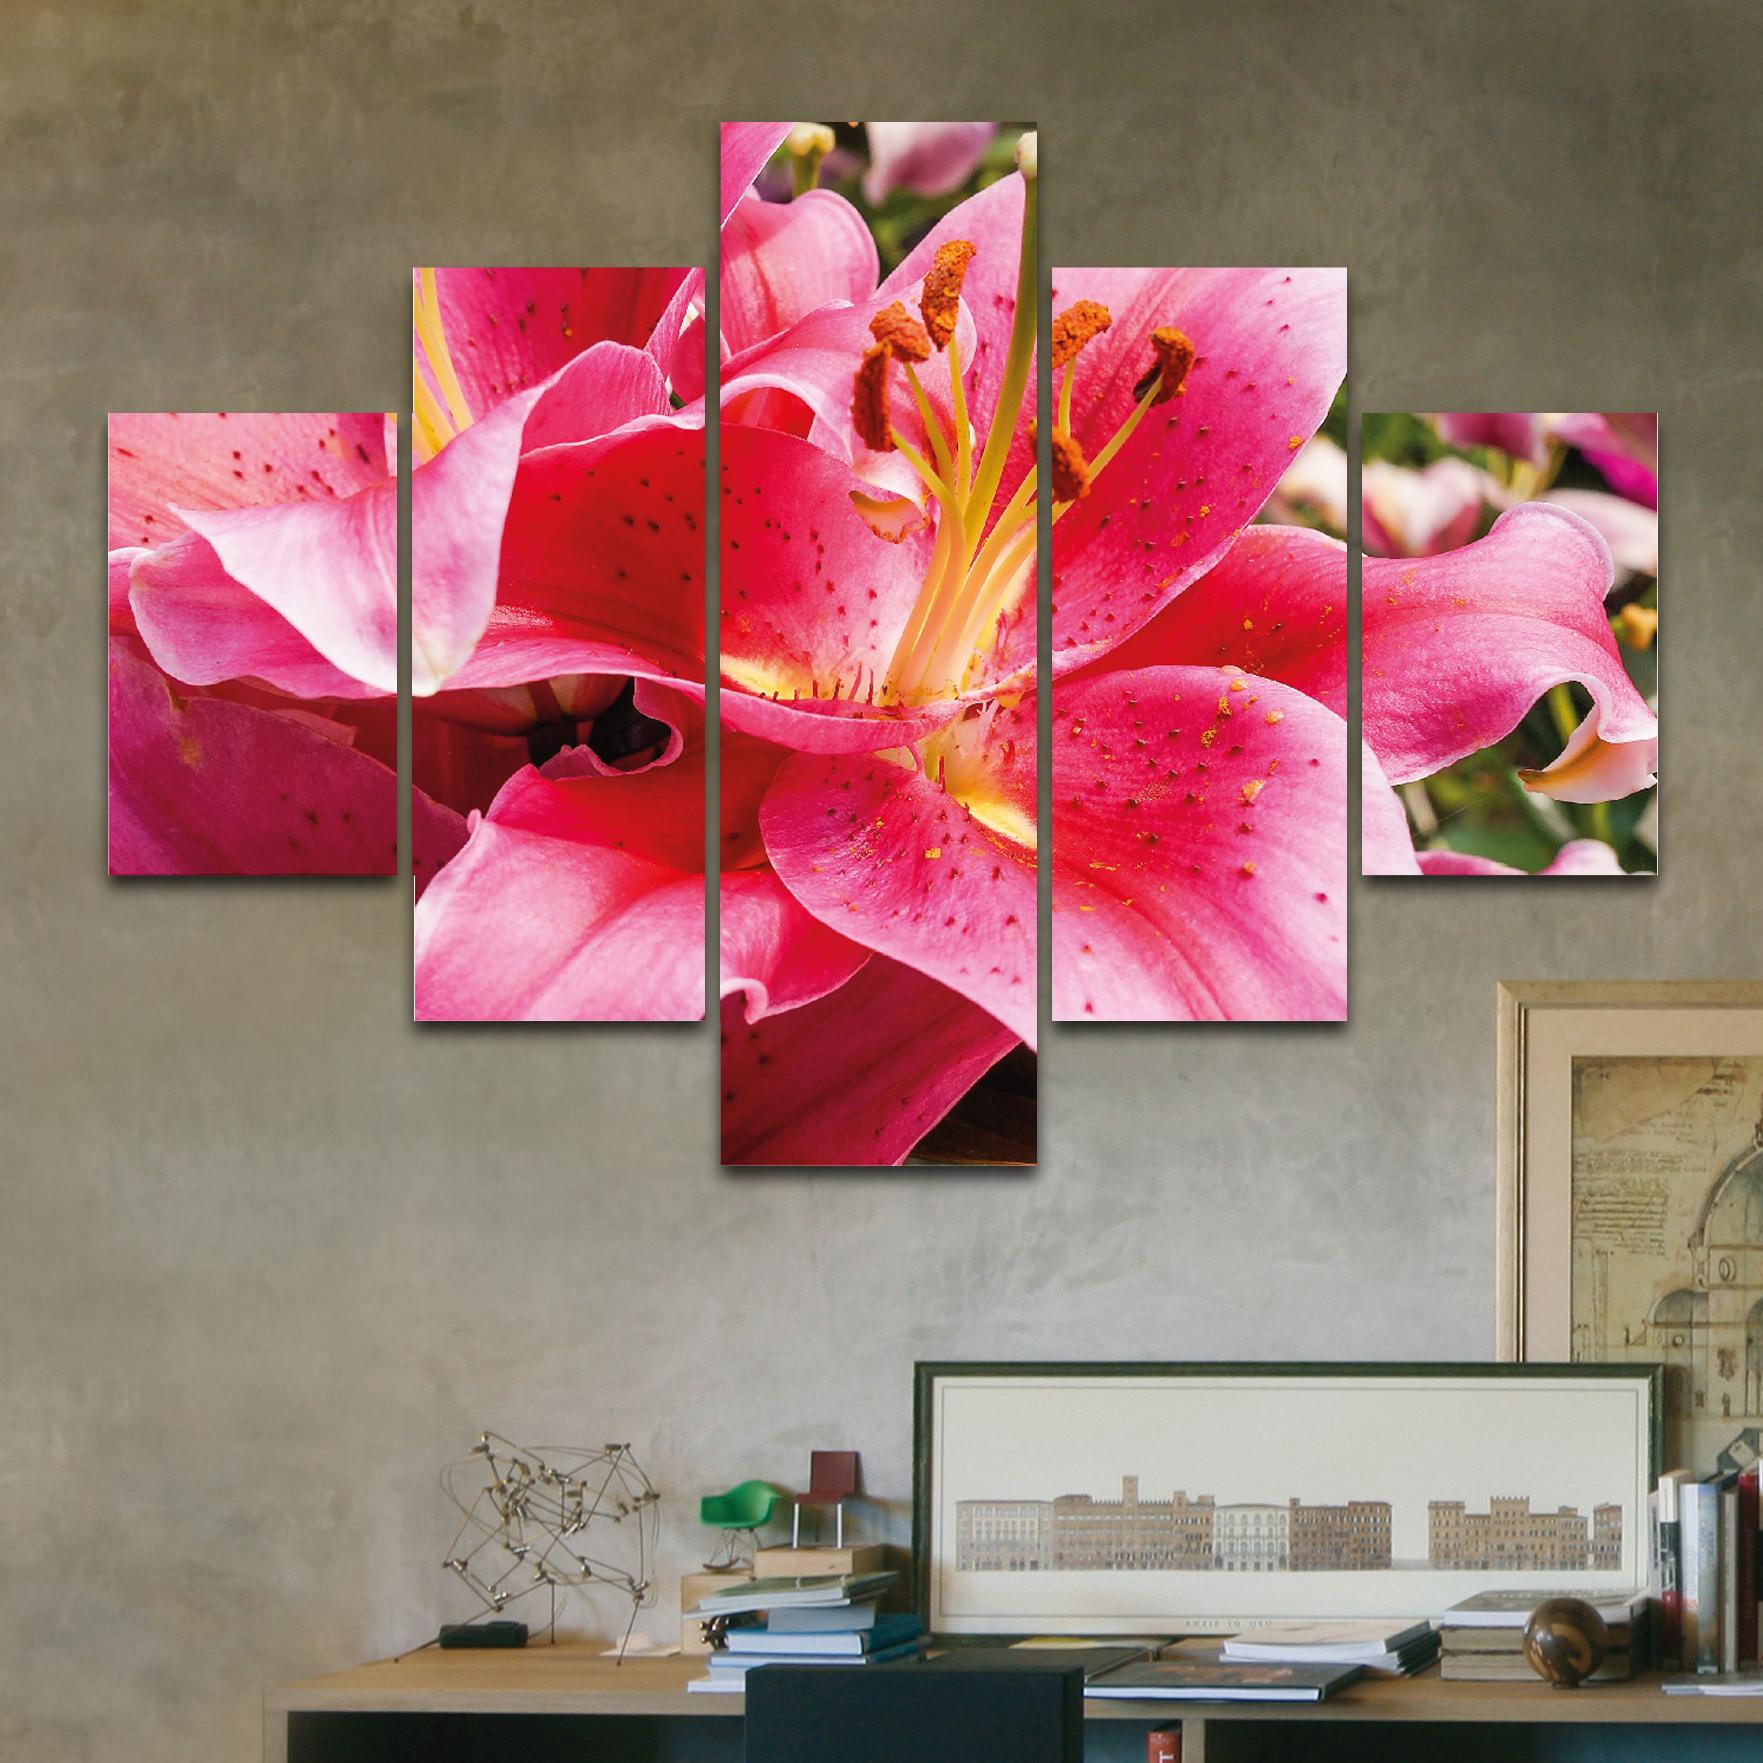 Pistilo en flor 110 cm x 70 cm cuadros decorativos for Donde puedo comprar cuadros decorativos